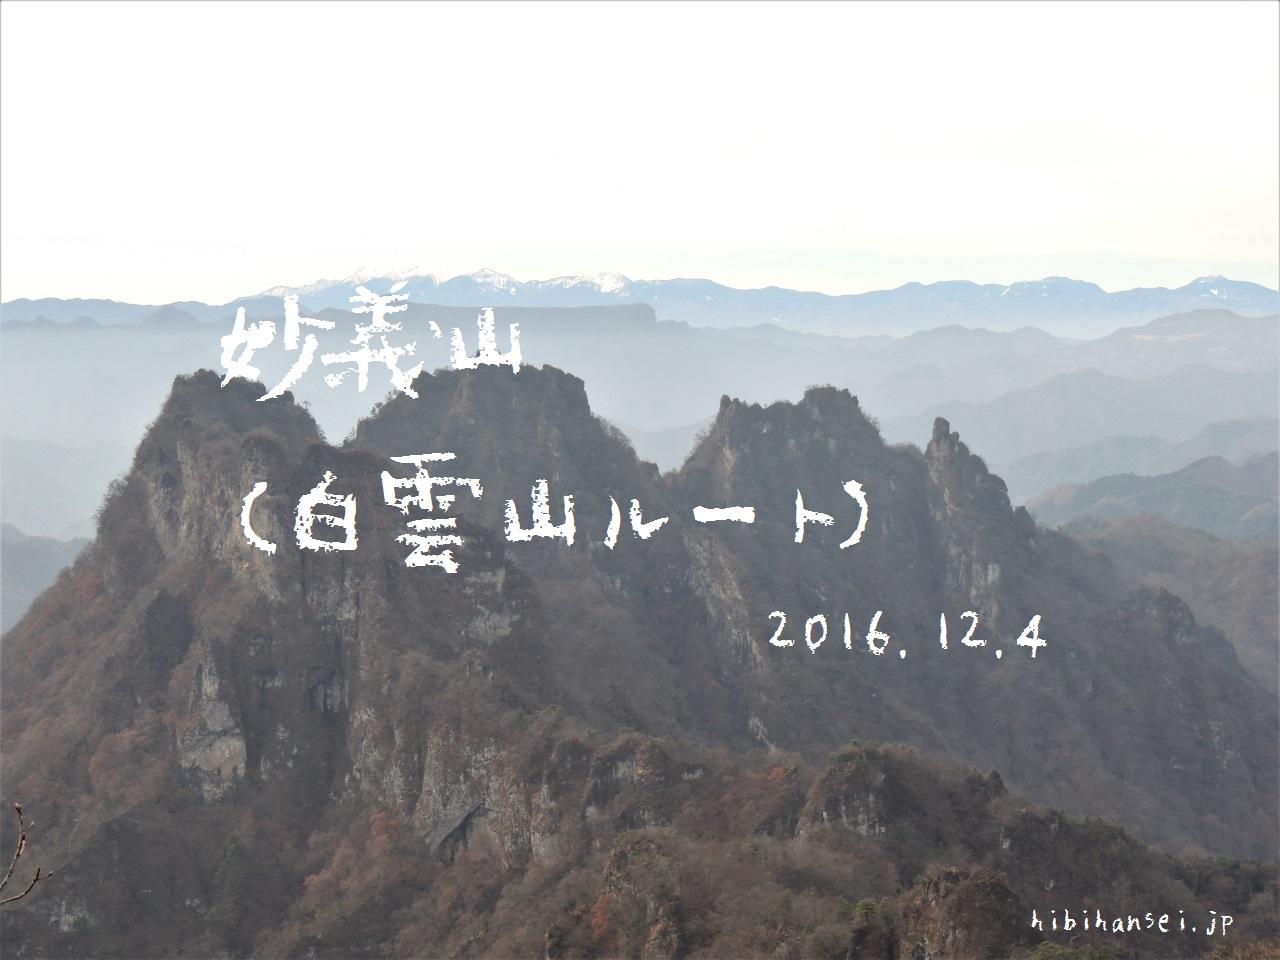 妙義山 登山(白雲山) 線で結ぶ奇岩怪石の峰(2016.12.4)